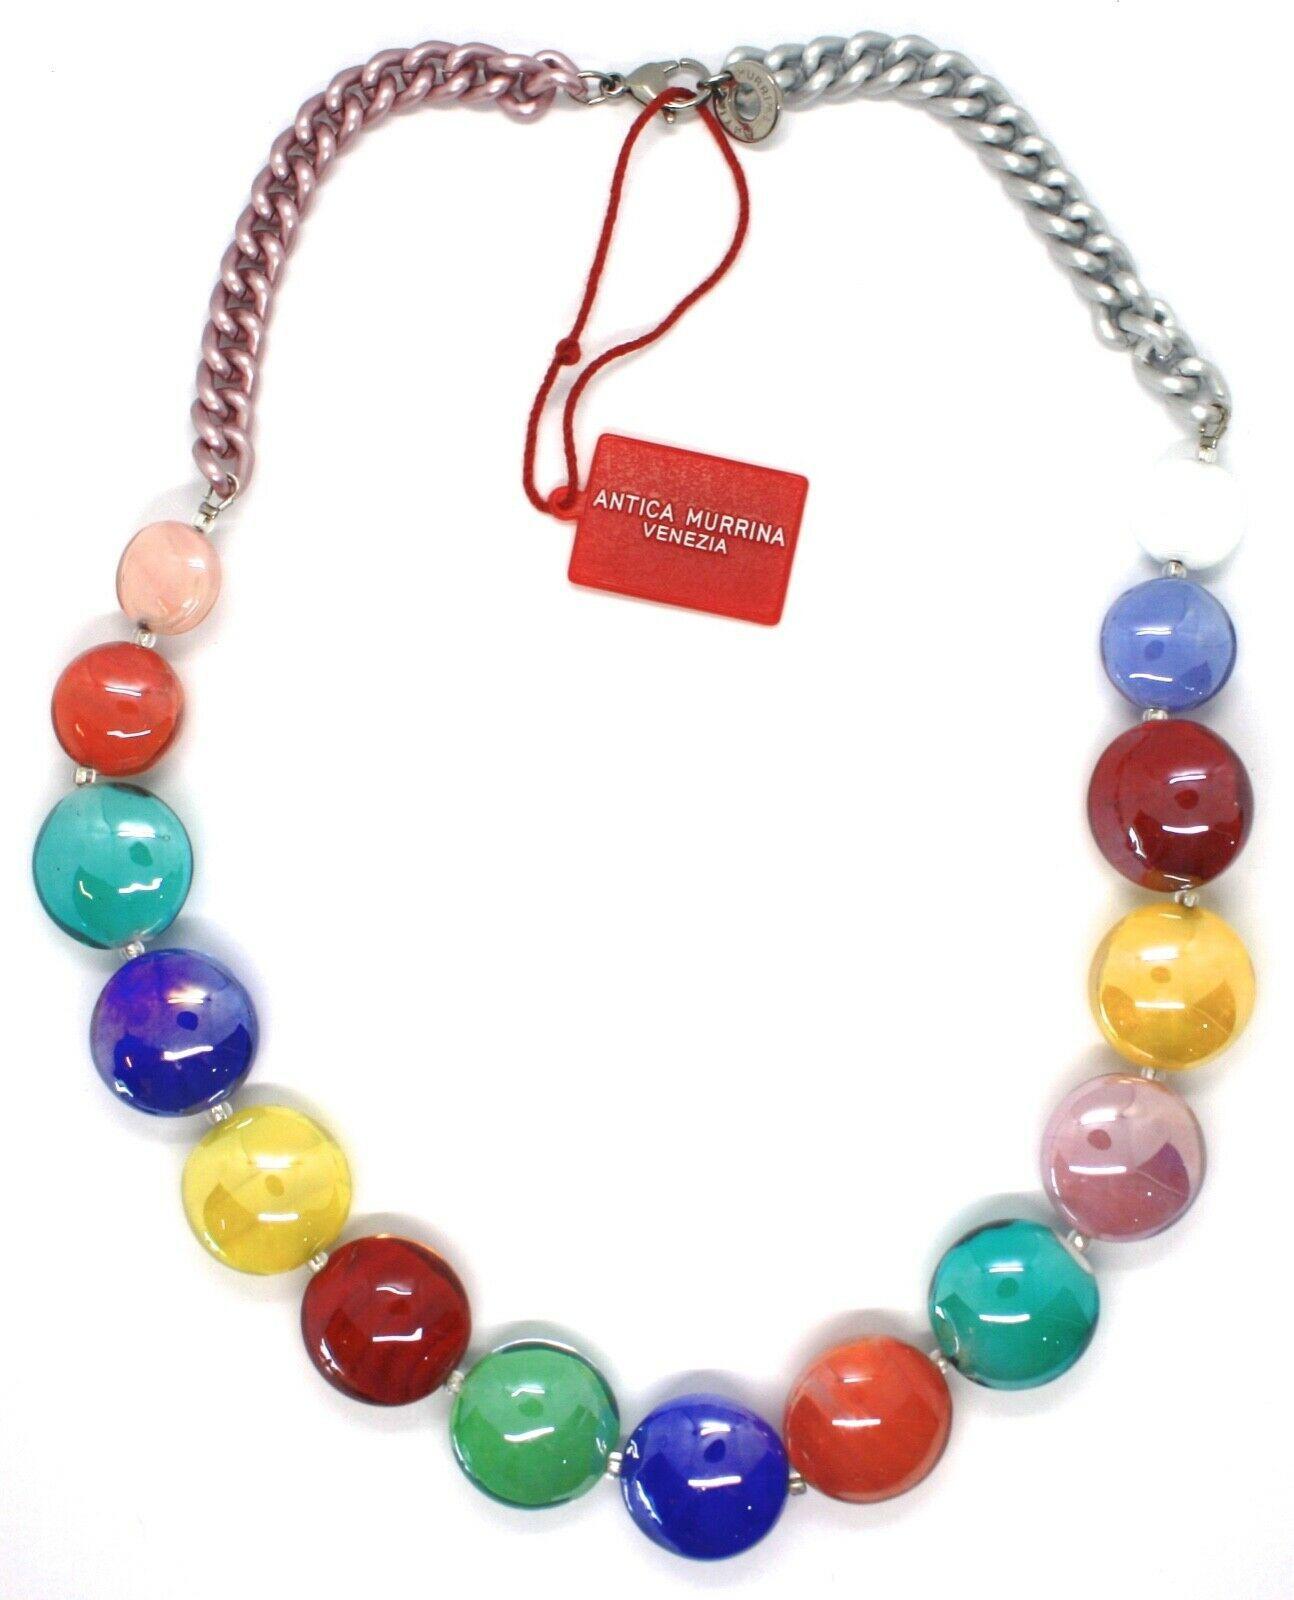 Necklace Antique Murrina, CO833A19, Chain Groumette, Discs, Multi Colour